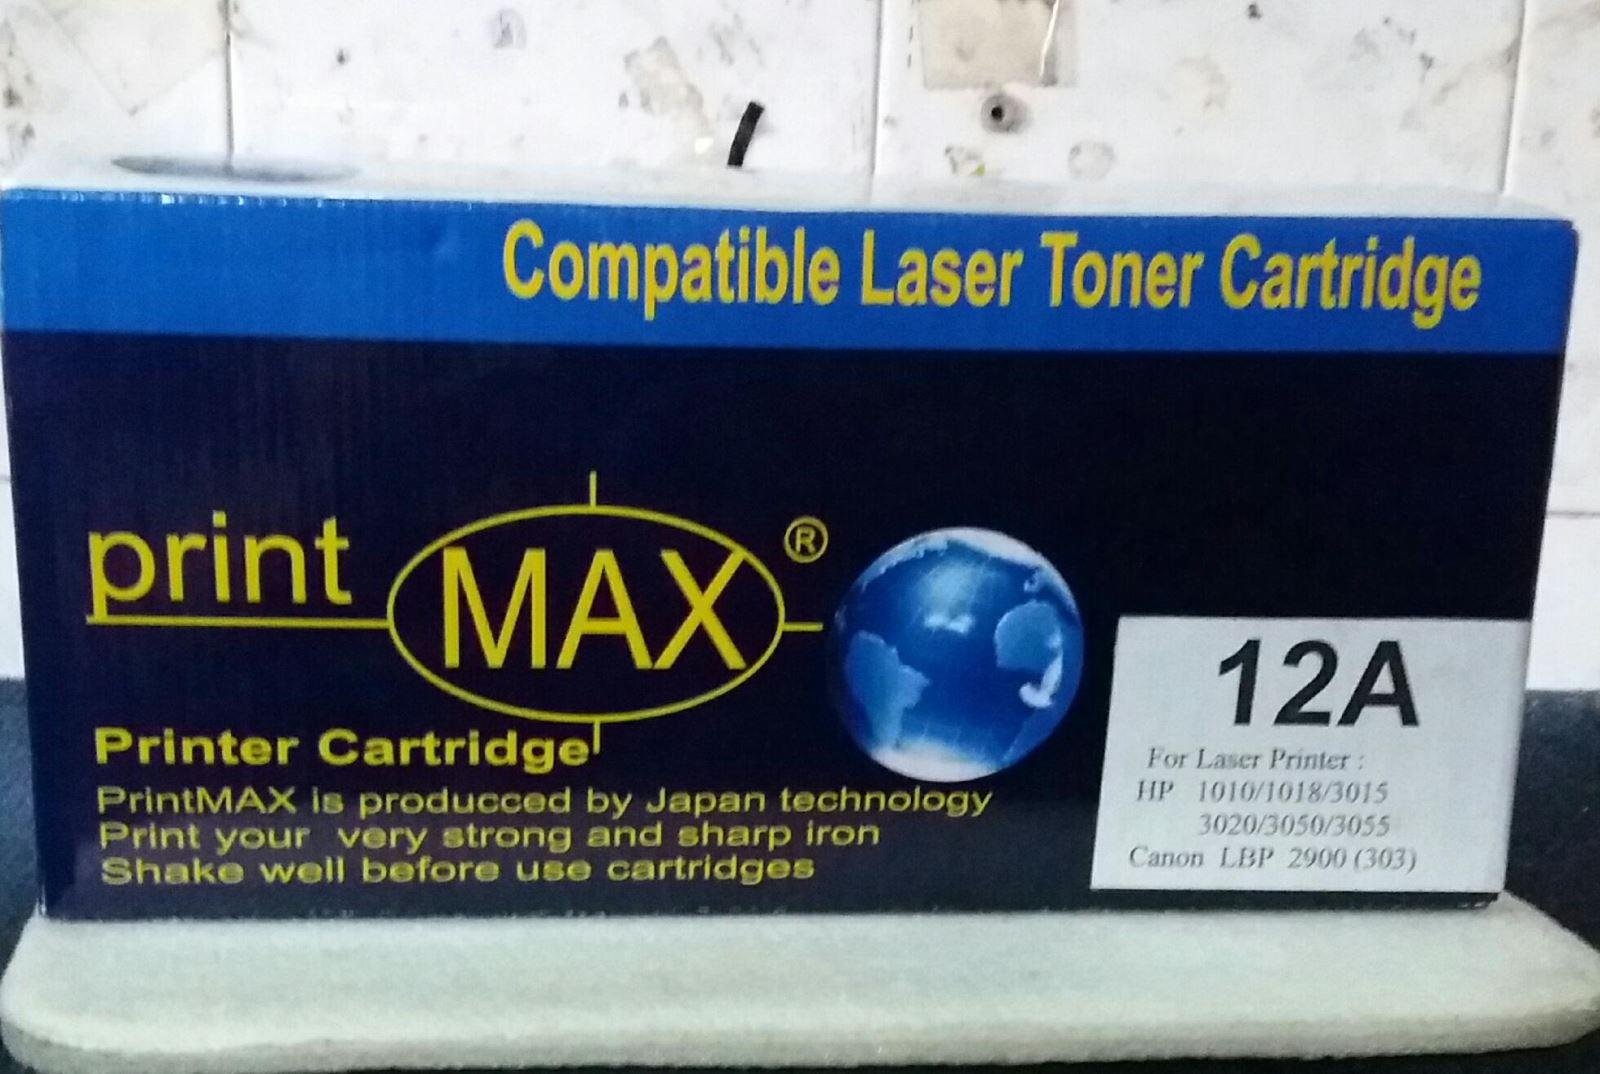 Hộp mực Cartridge PRINTMAX 12A: Dành cho máy in HP Laser 1010 / 1012 / 1015 / 1018 / 1020 / 1022 / 1022n / 1022nw / 3015 / 3020 / 3030 / 3050 / 3052 /